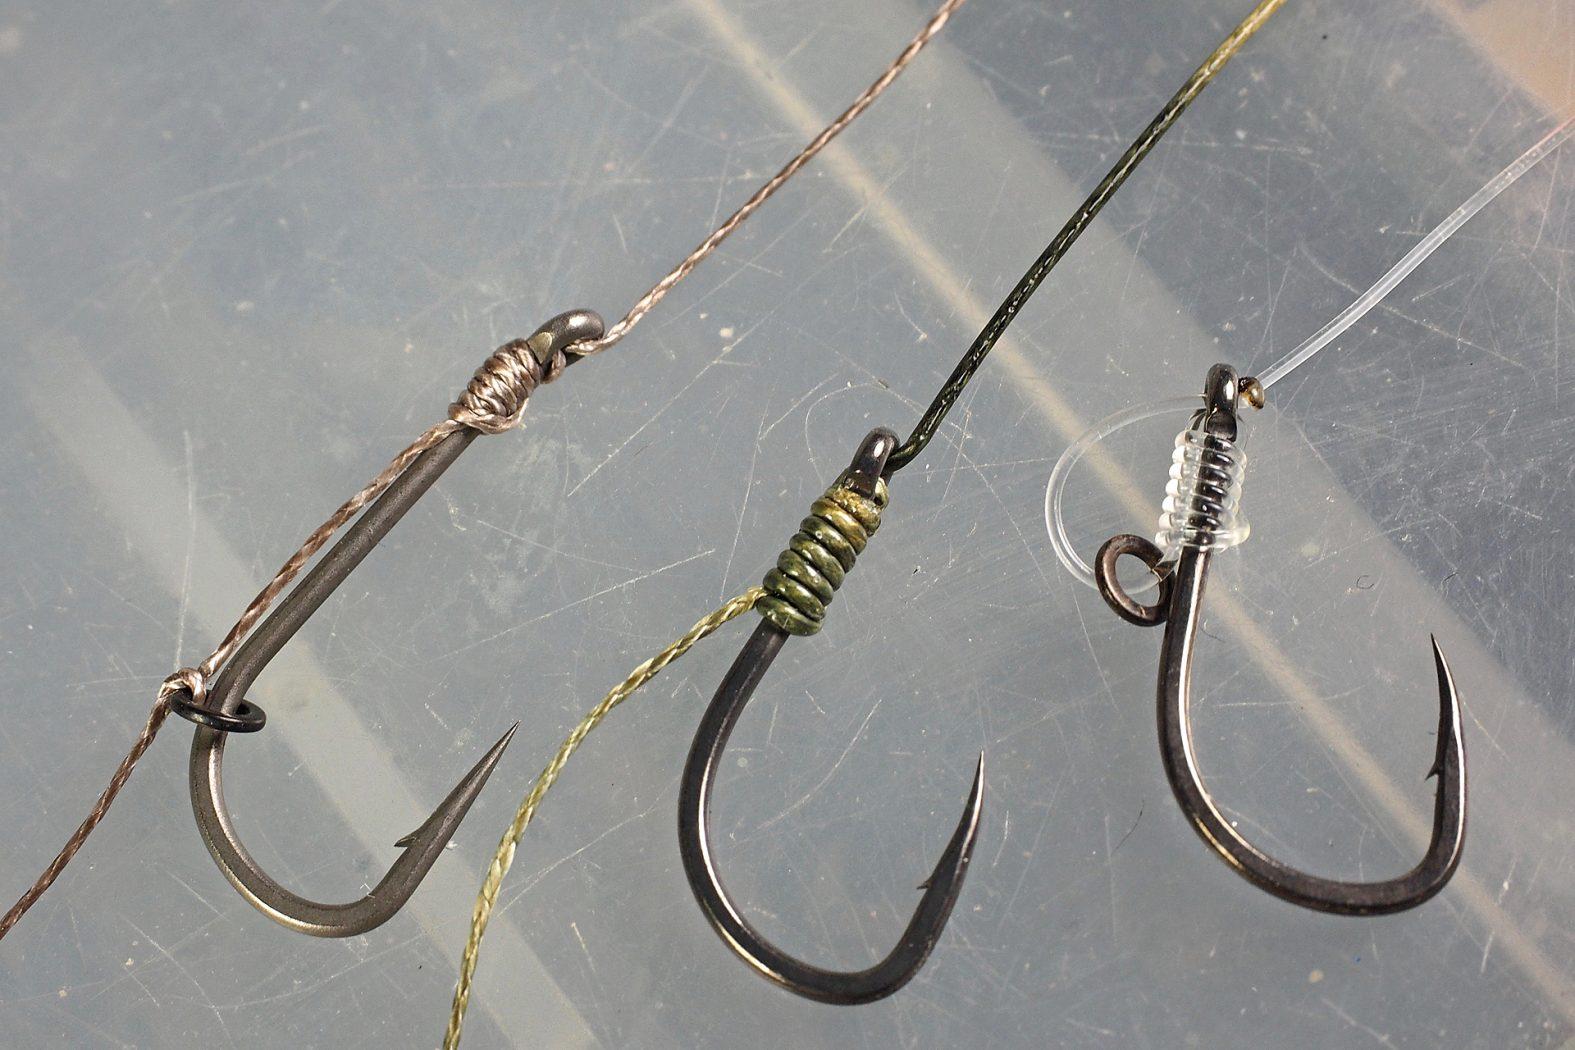 Karpfen-Rig binden mit No Knot-Knoten